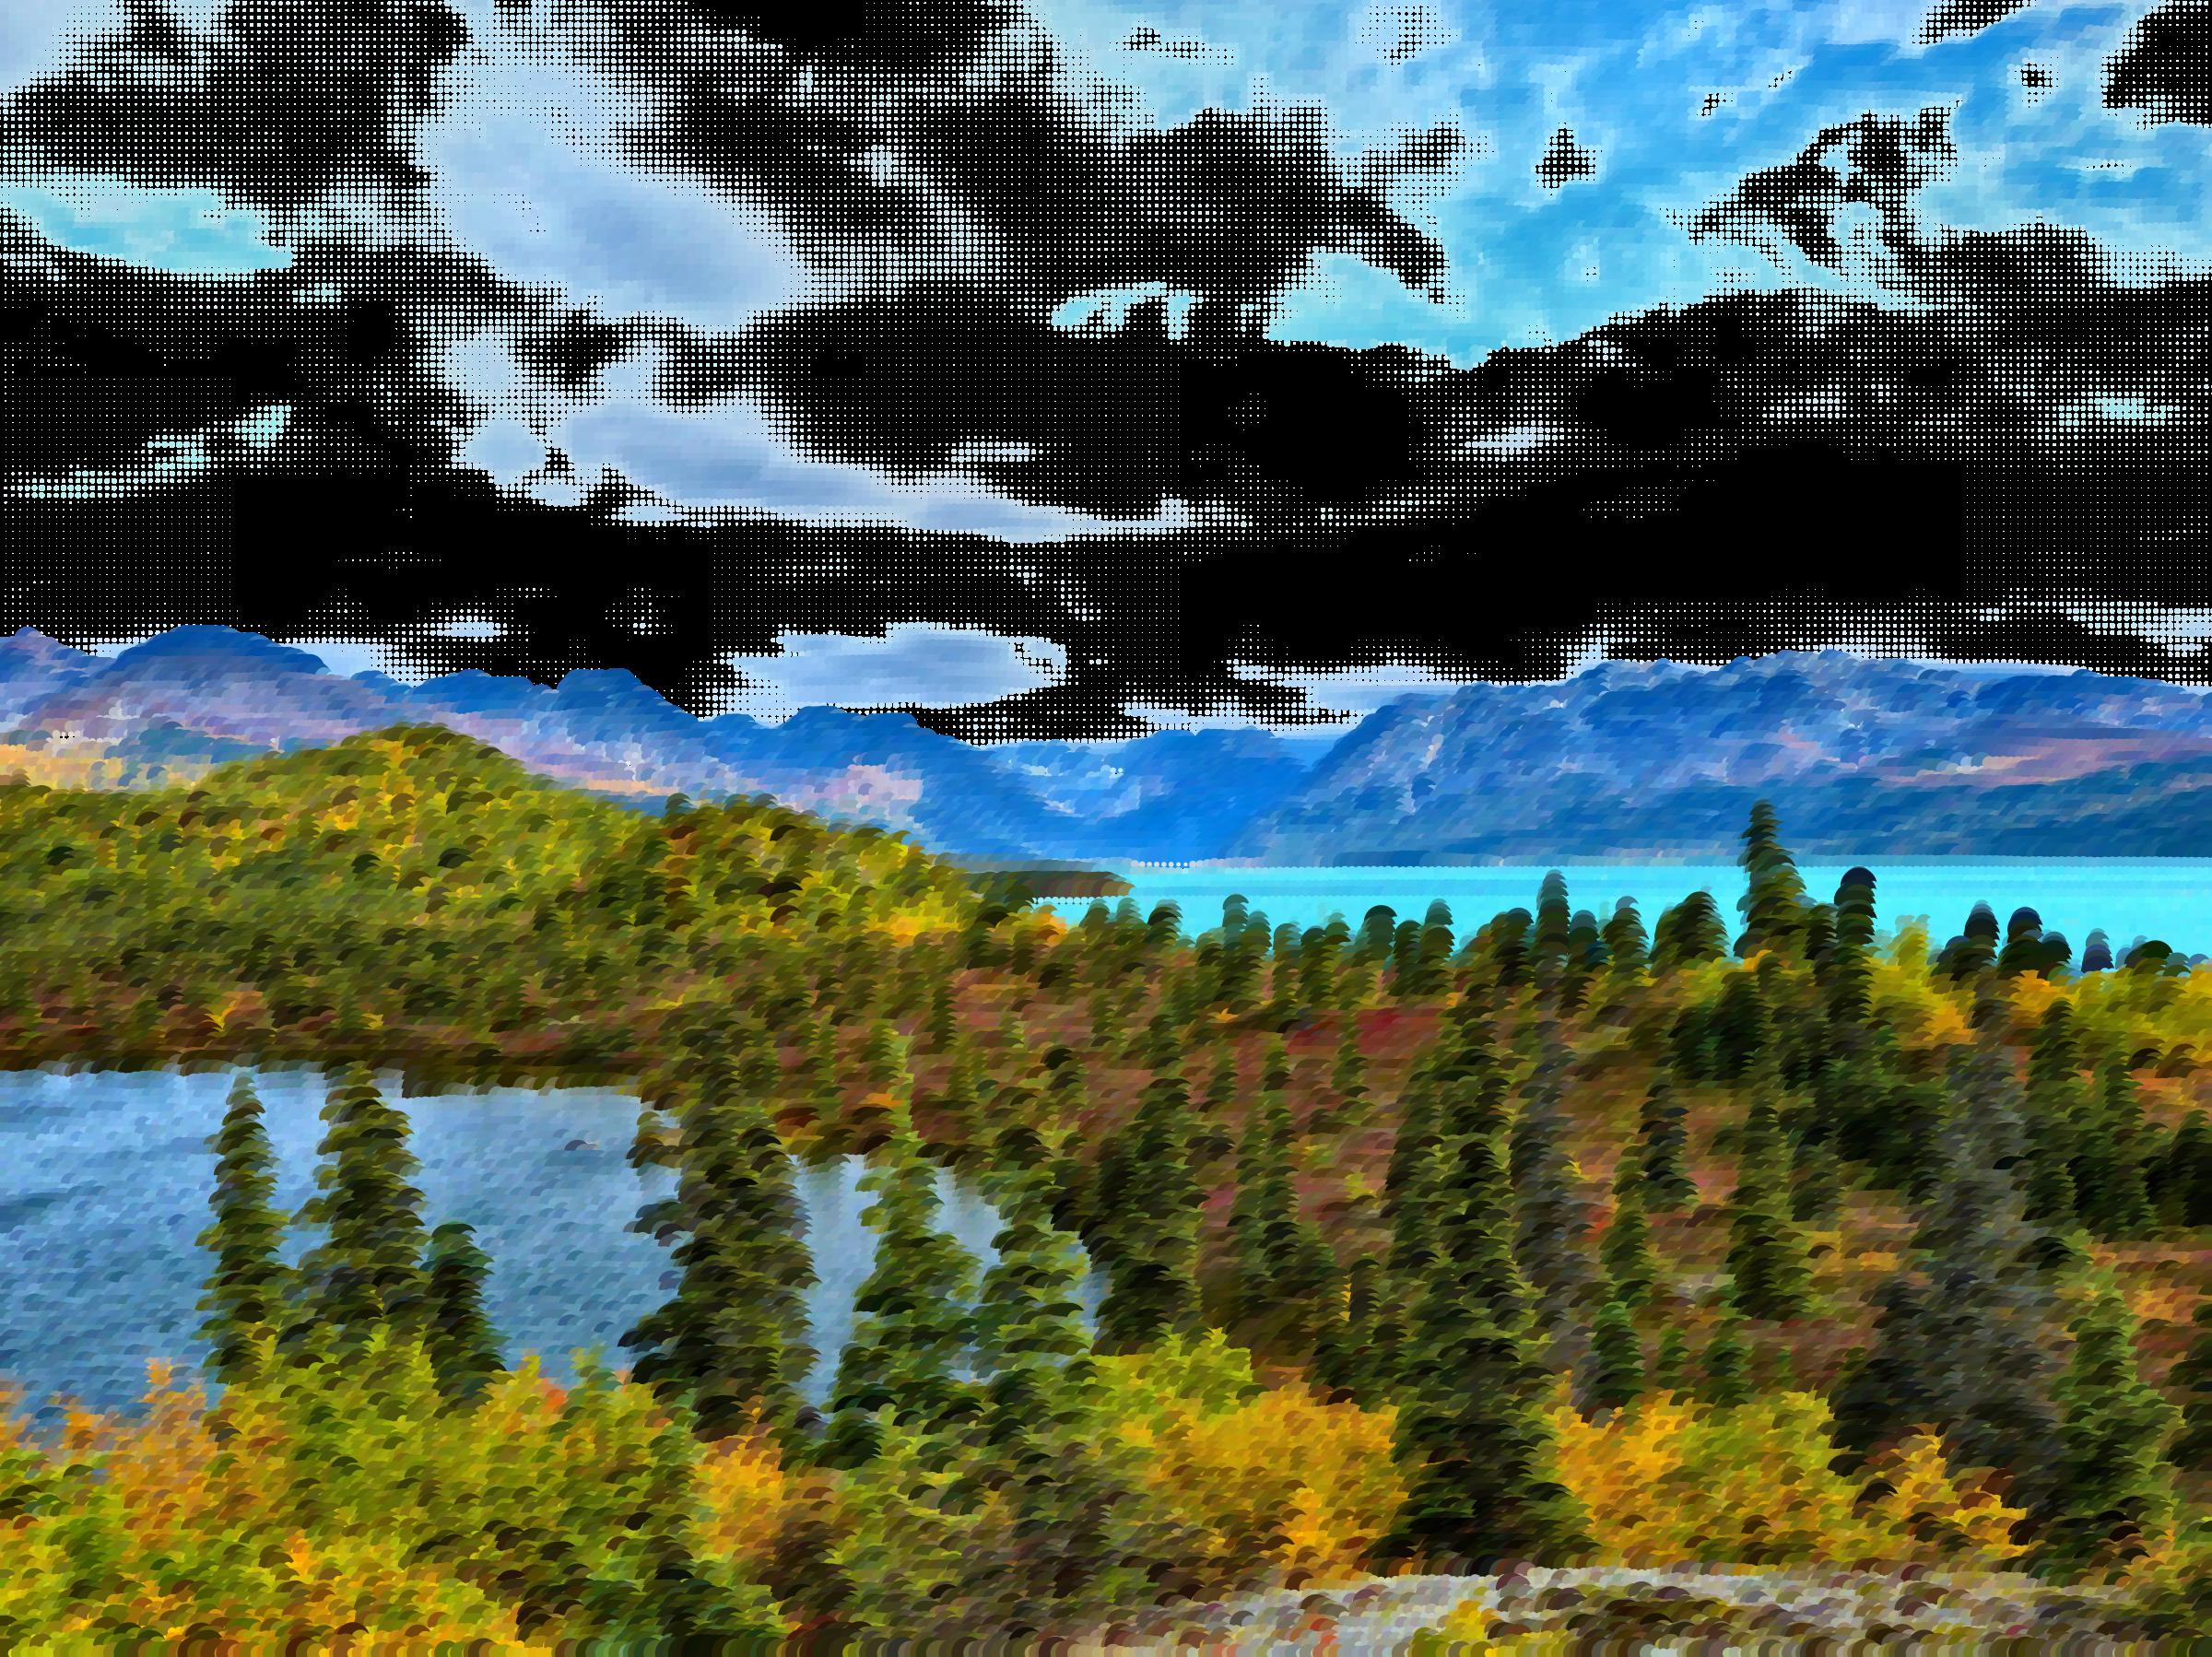 Lake clipart natural environment. Surreal serene nature big